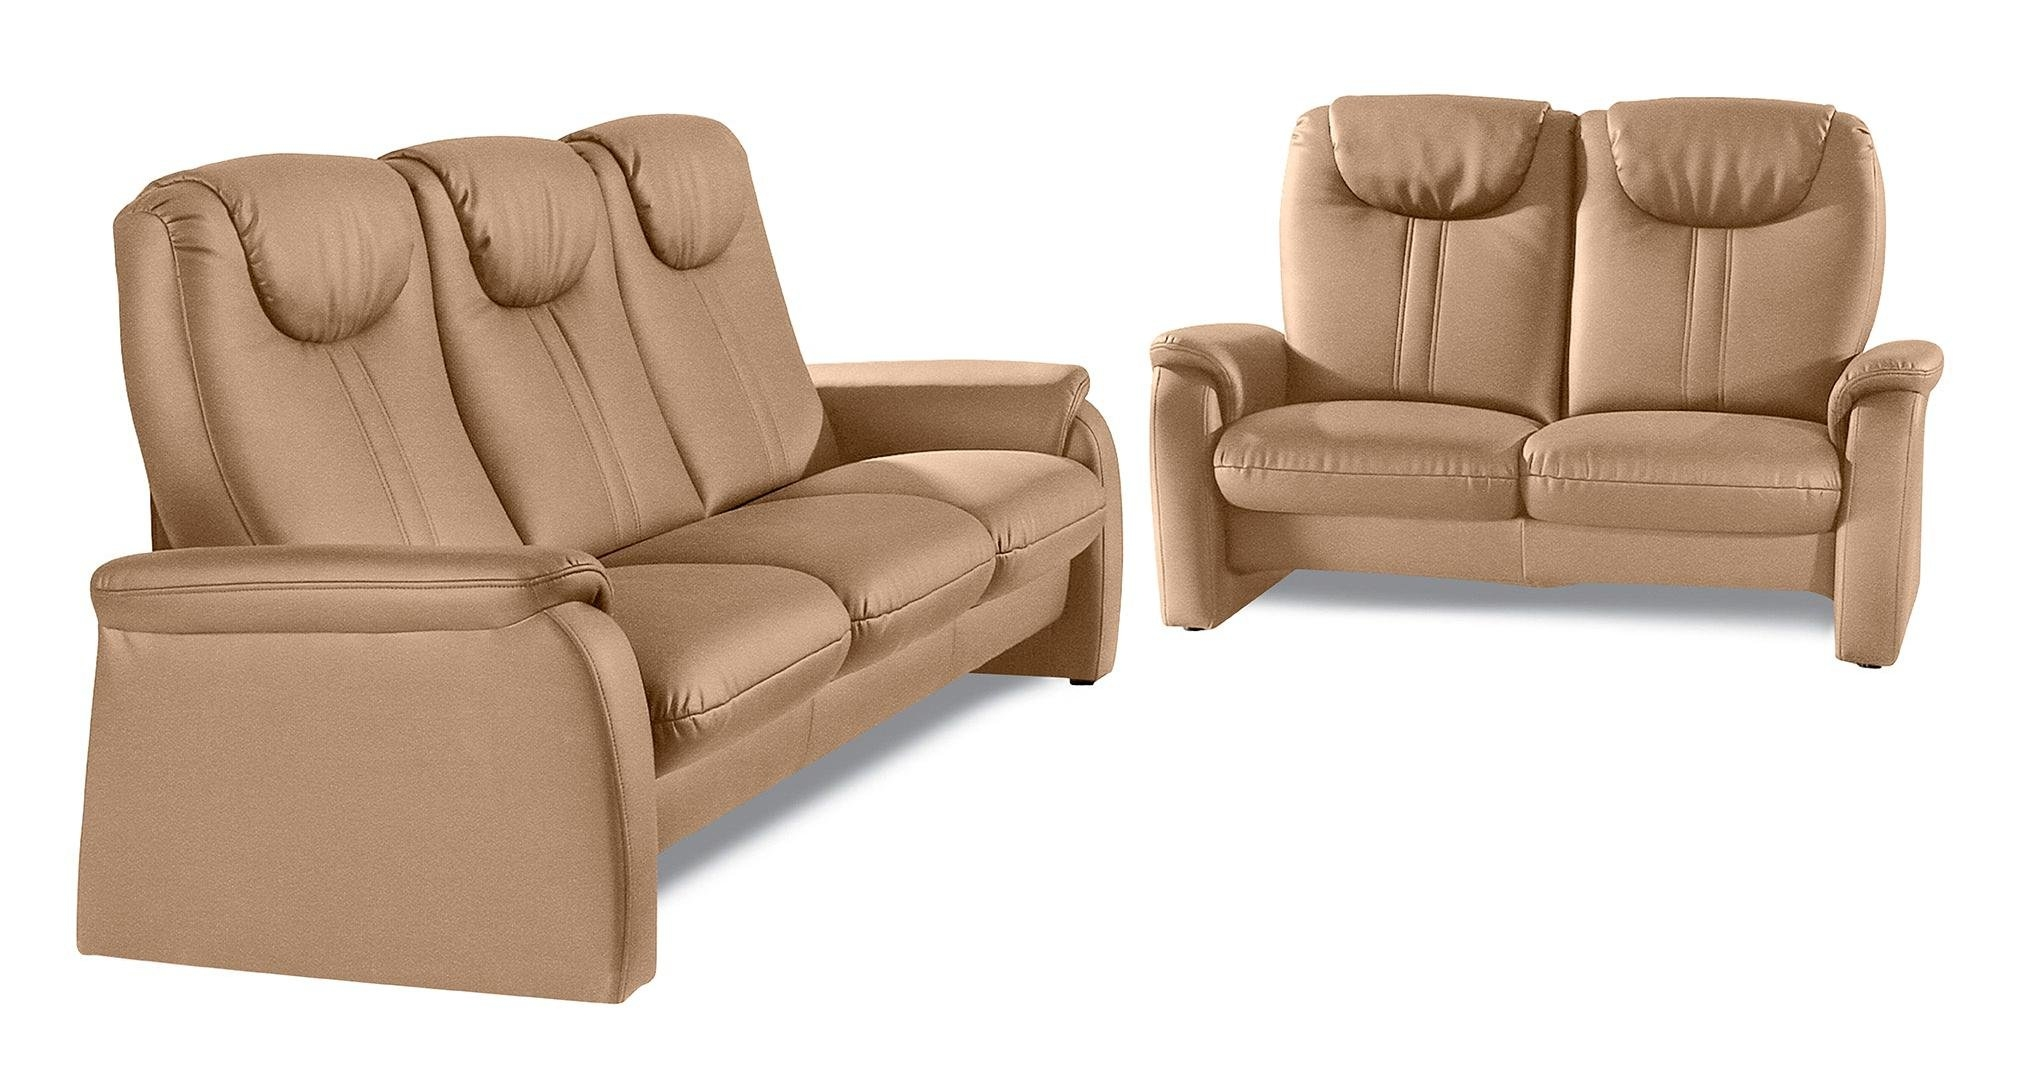 Sit&more Set: 2-zitsbank en 3-zitsbank, Primabelle of Softlux nu online kopen bij OTTO